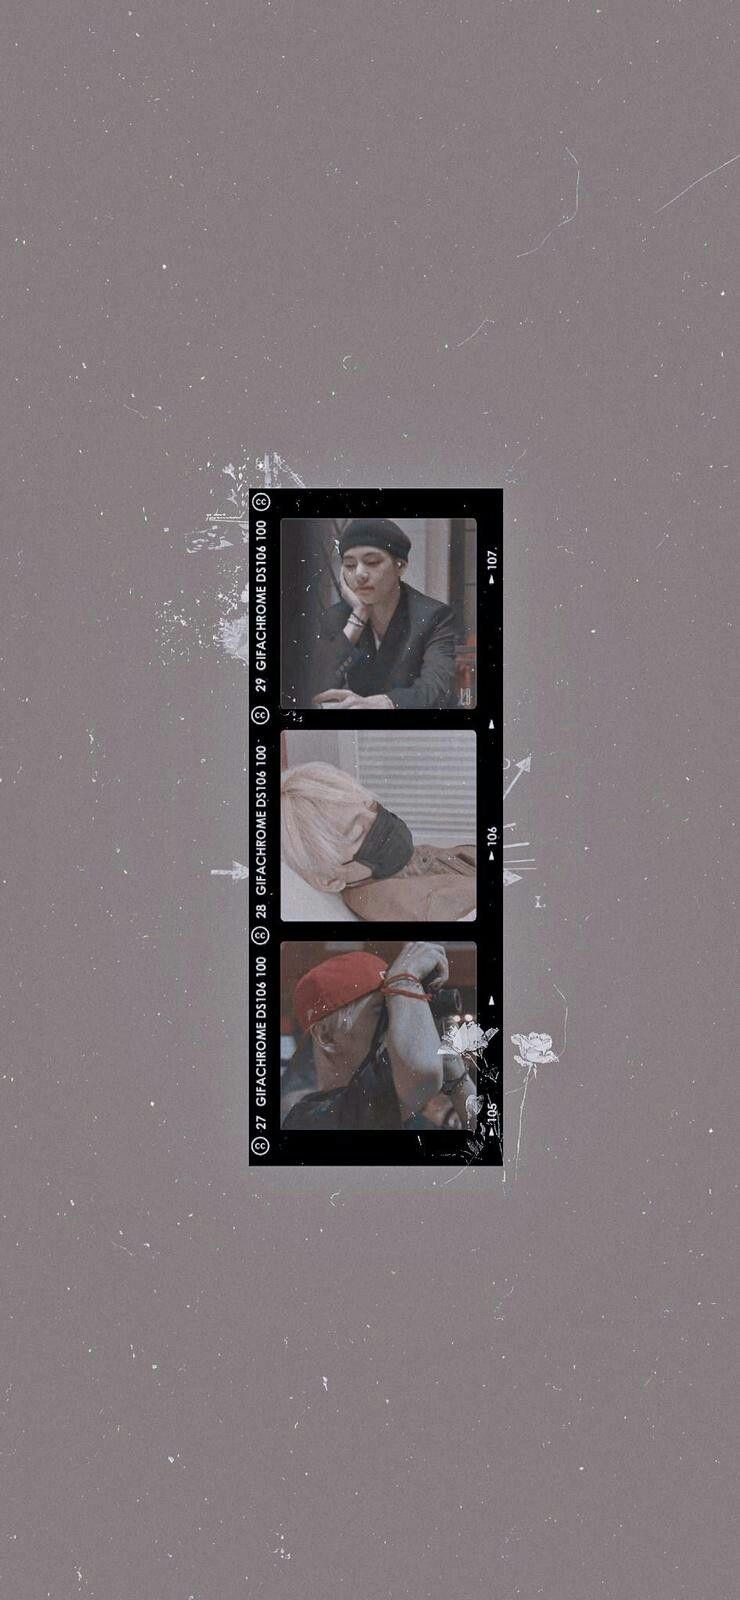 Pin Oleh Esmeralda Aguilar Di Bangtan Wallpapers Wallpaper Iphone Seni Buku Kolase